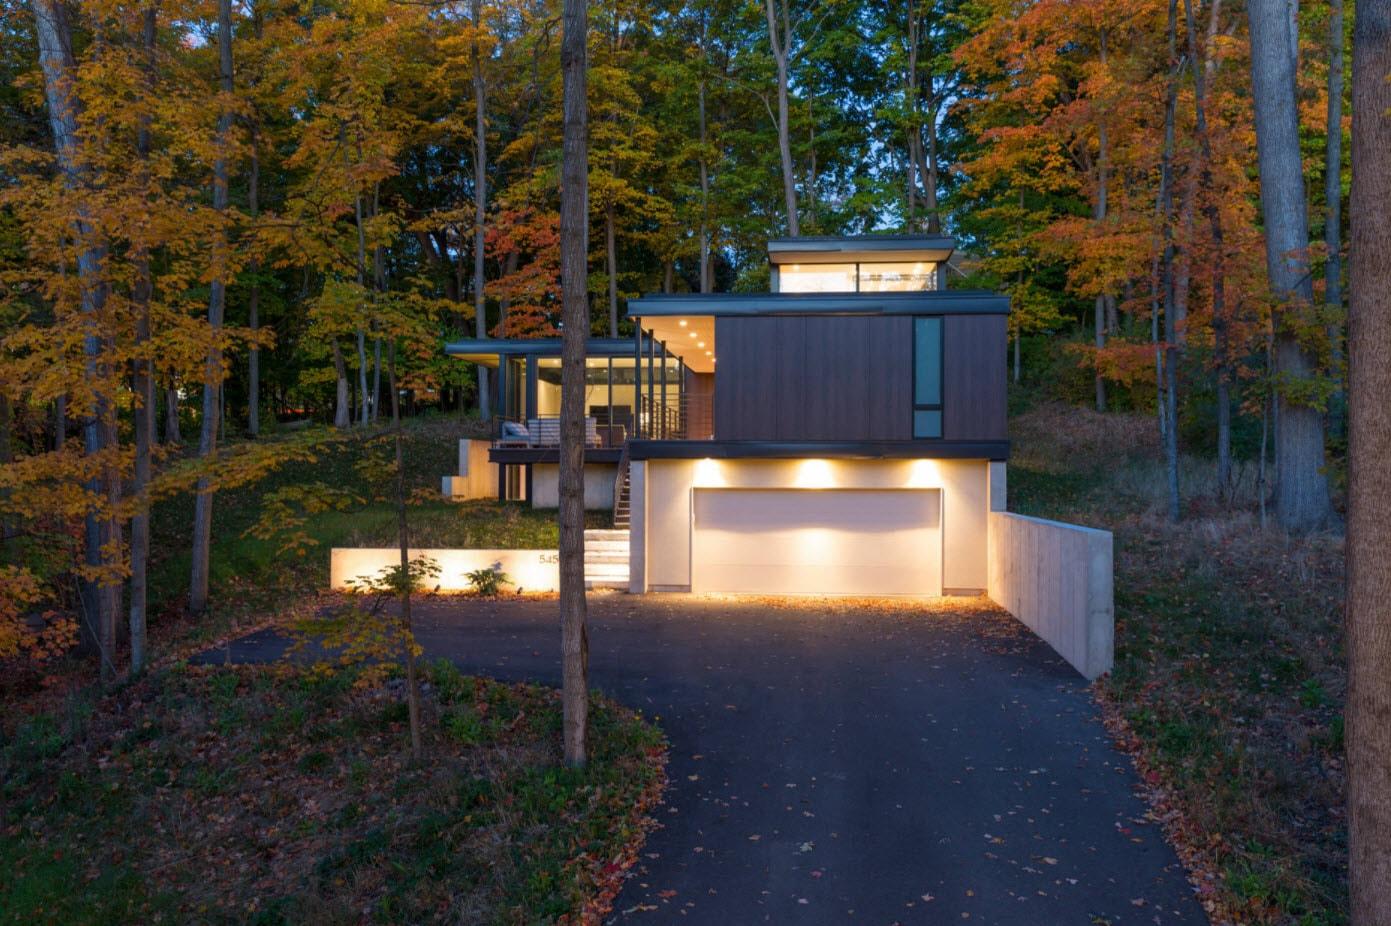 дом с гаражом и плоской крышей в лесу